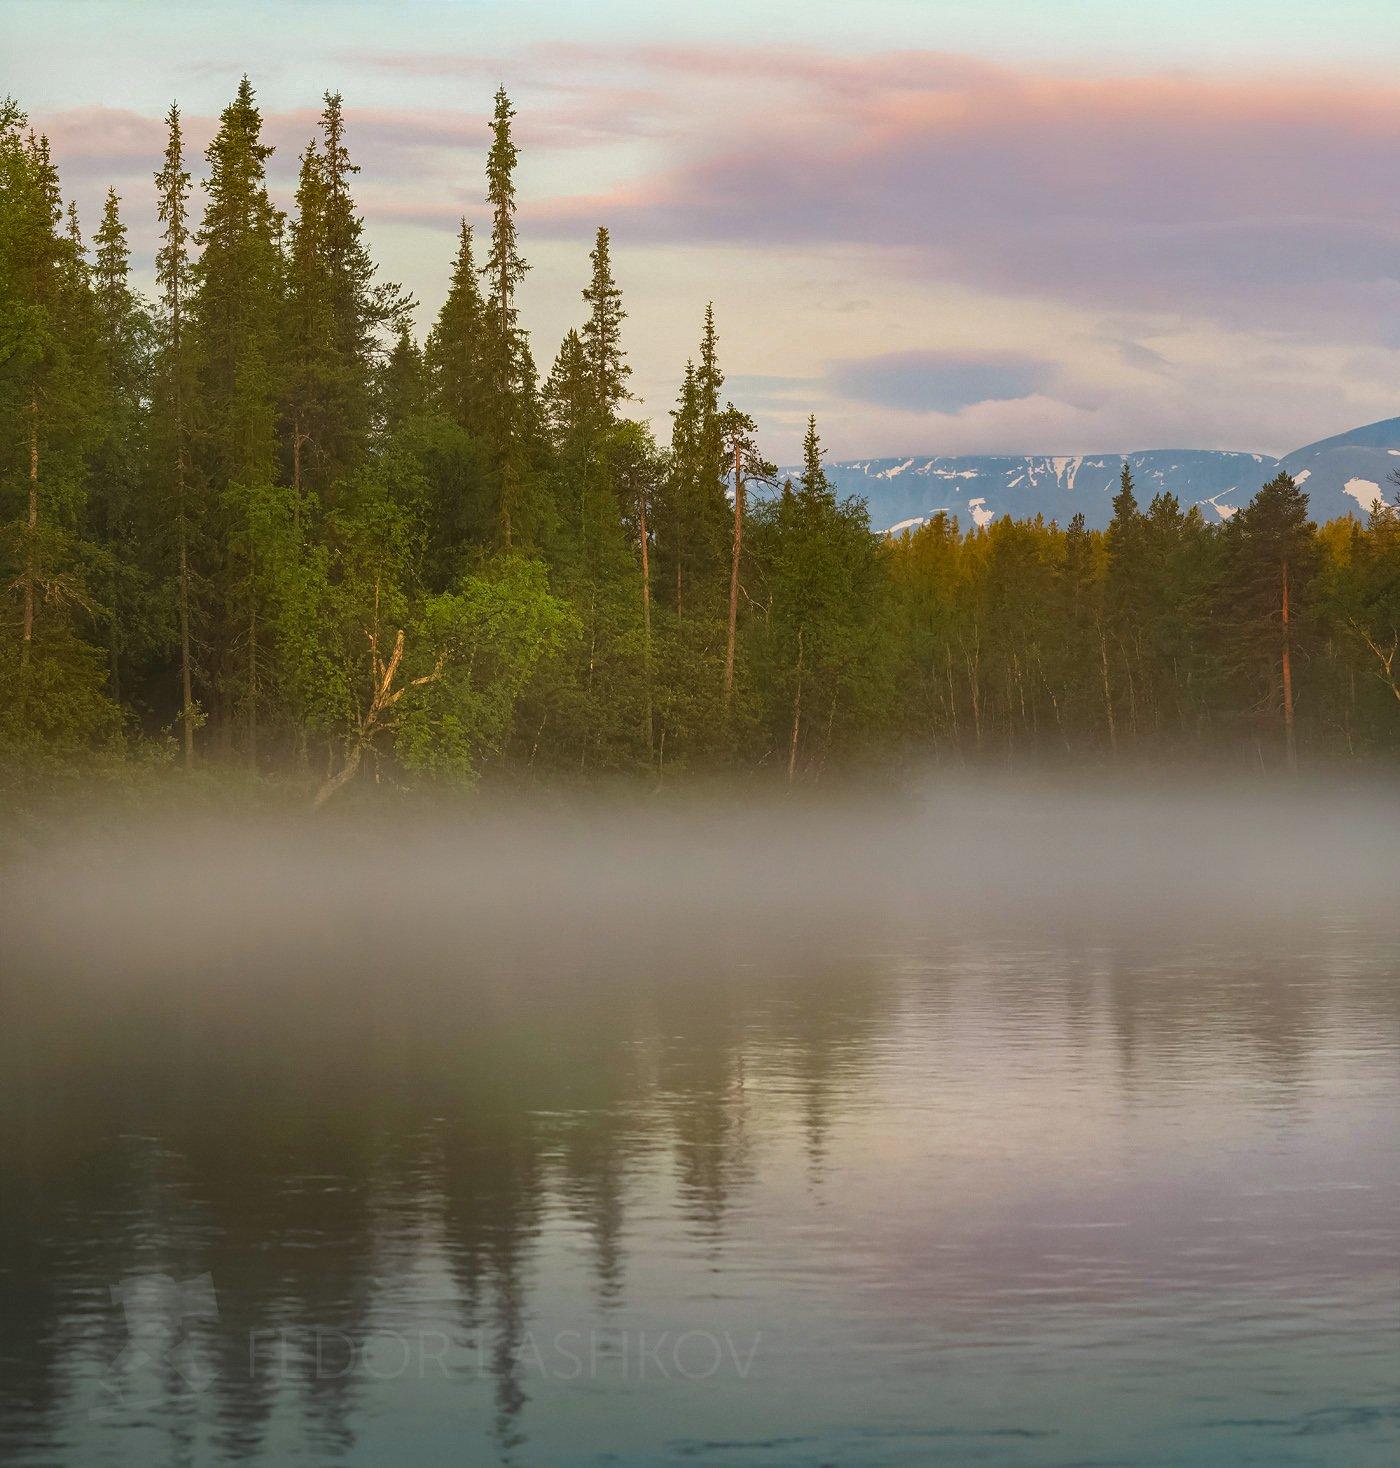 хибины, горы, рассвет, тучи, облака, озеро, лето, отражение, вода, туман, на берегу, деревья,, Лашков Фёдор